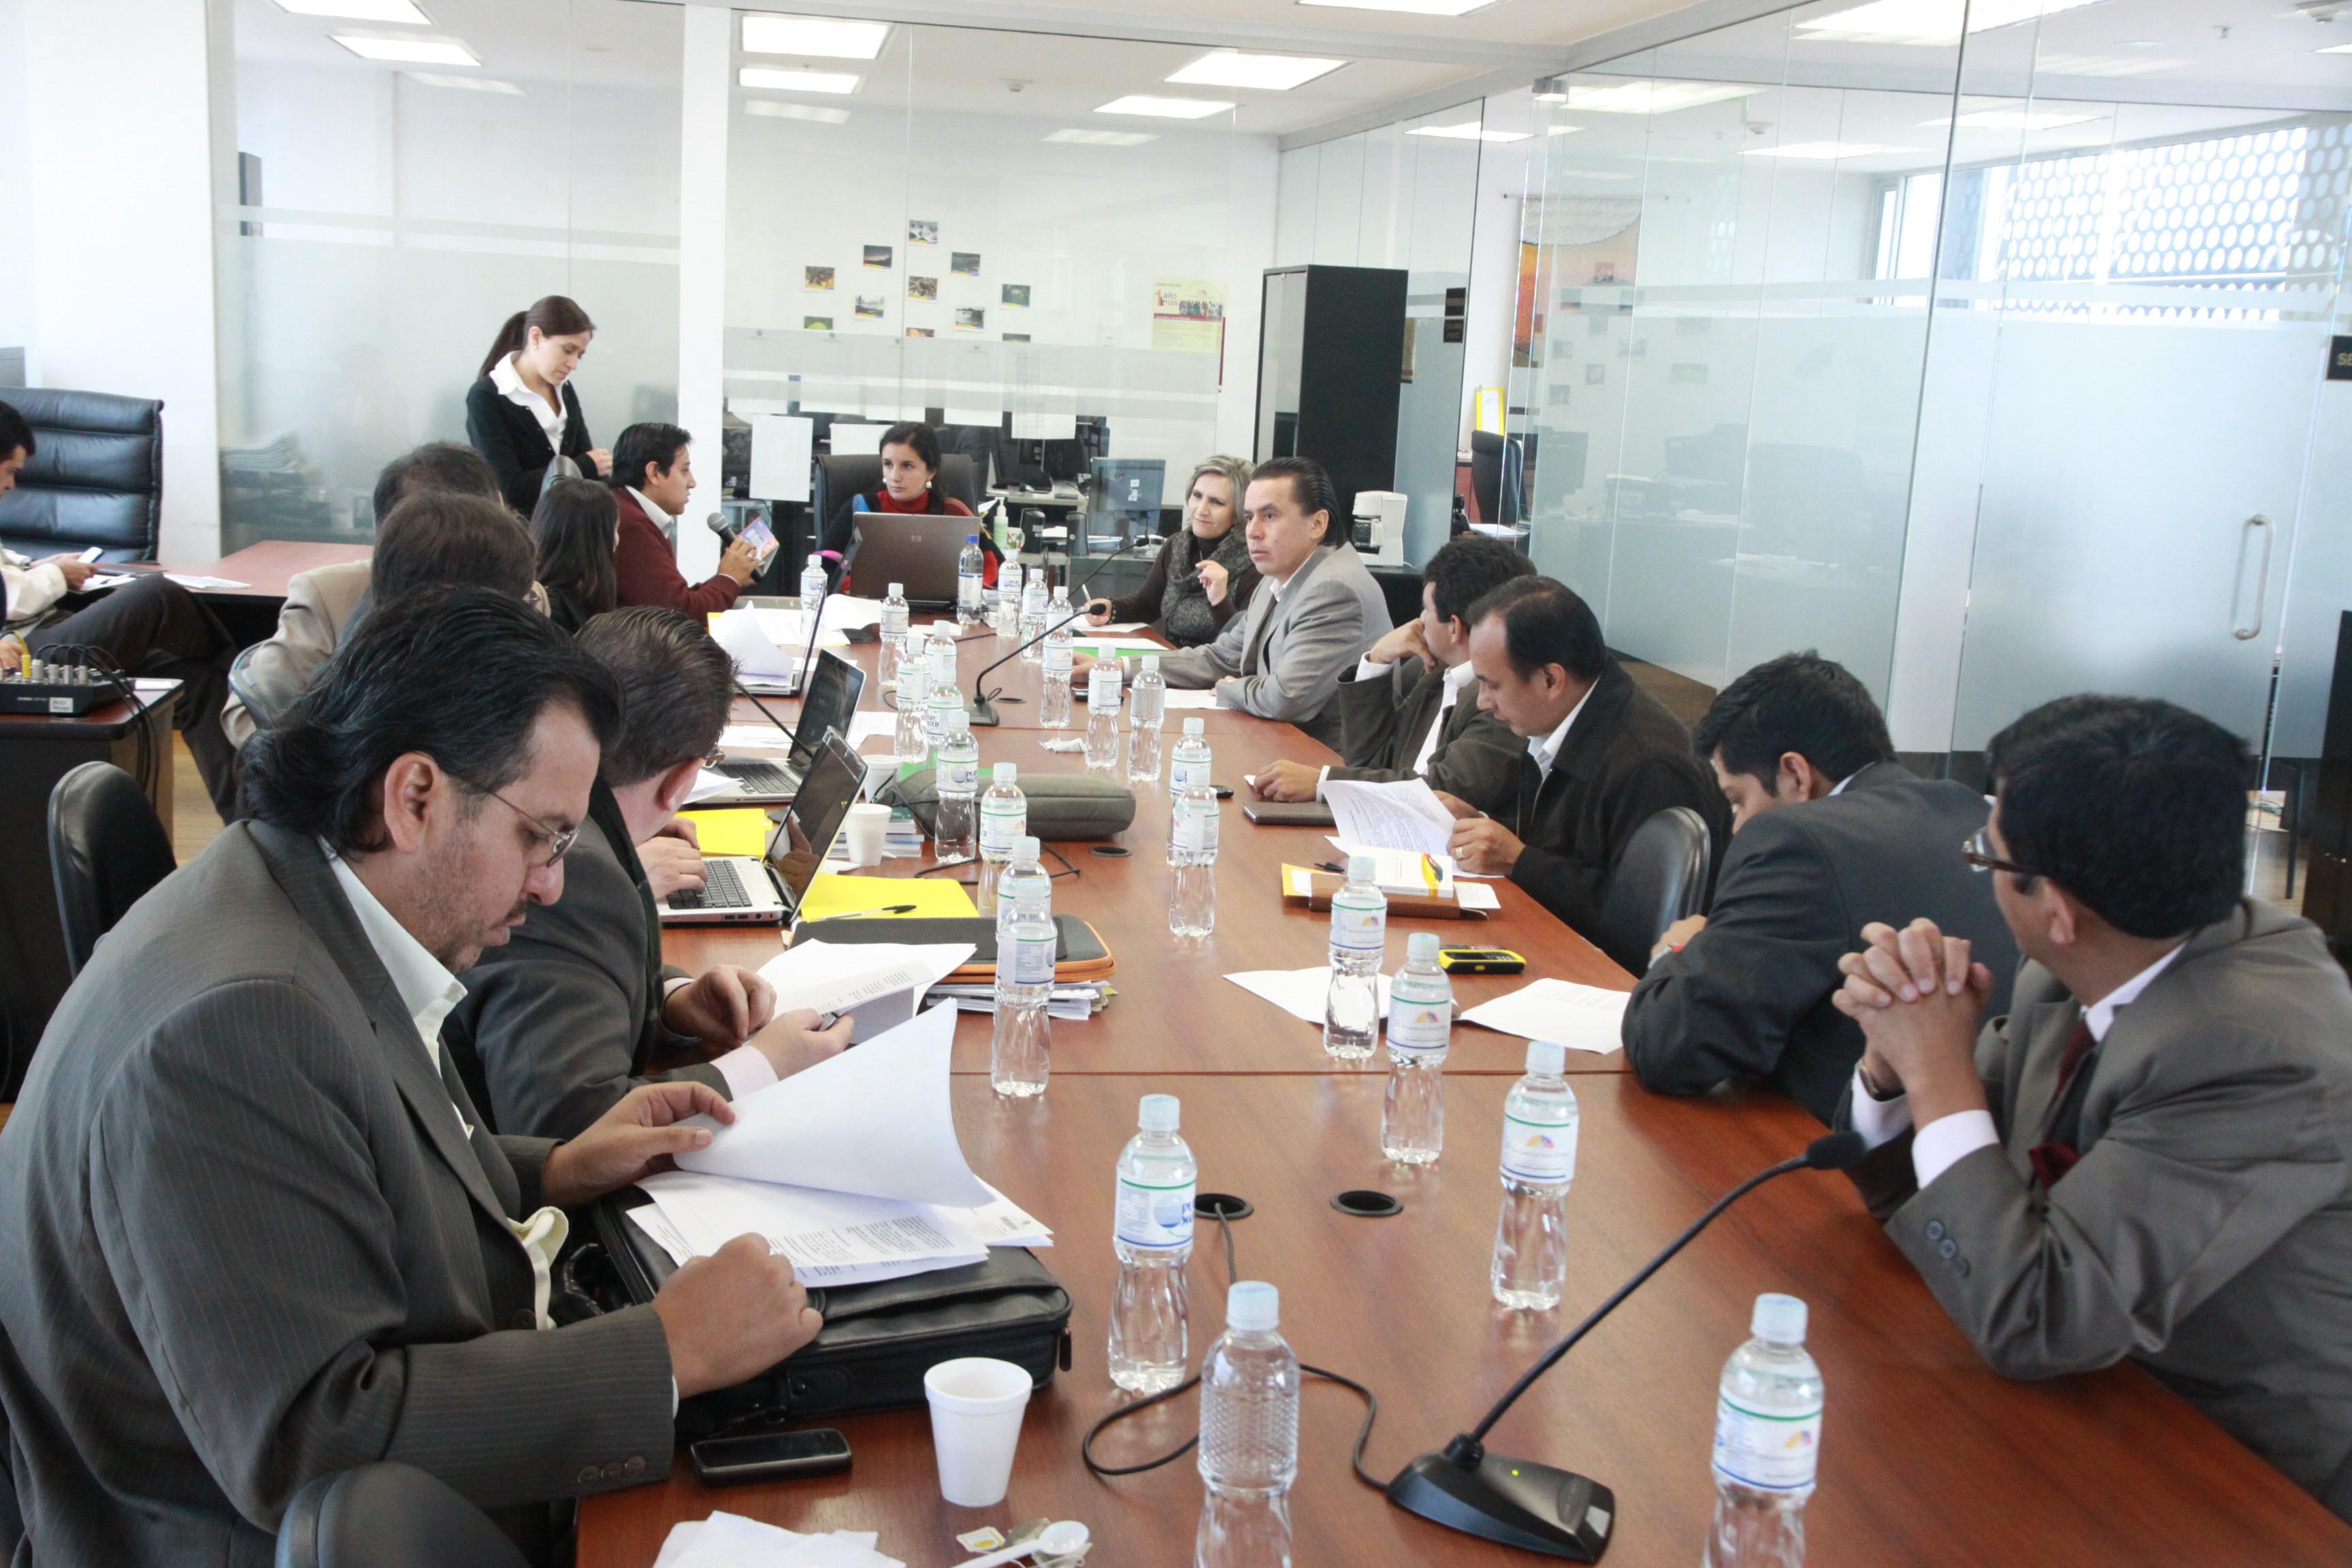 Comisión de Biodiversidad y Recursos no Renovables (5452030524).jpg Español: Foto: Hugo Ortiz Ron / Asamblea Nacional Date 16 February 2011